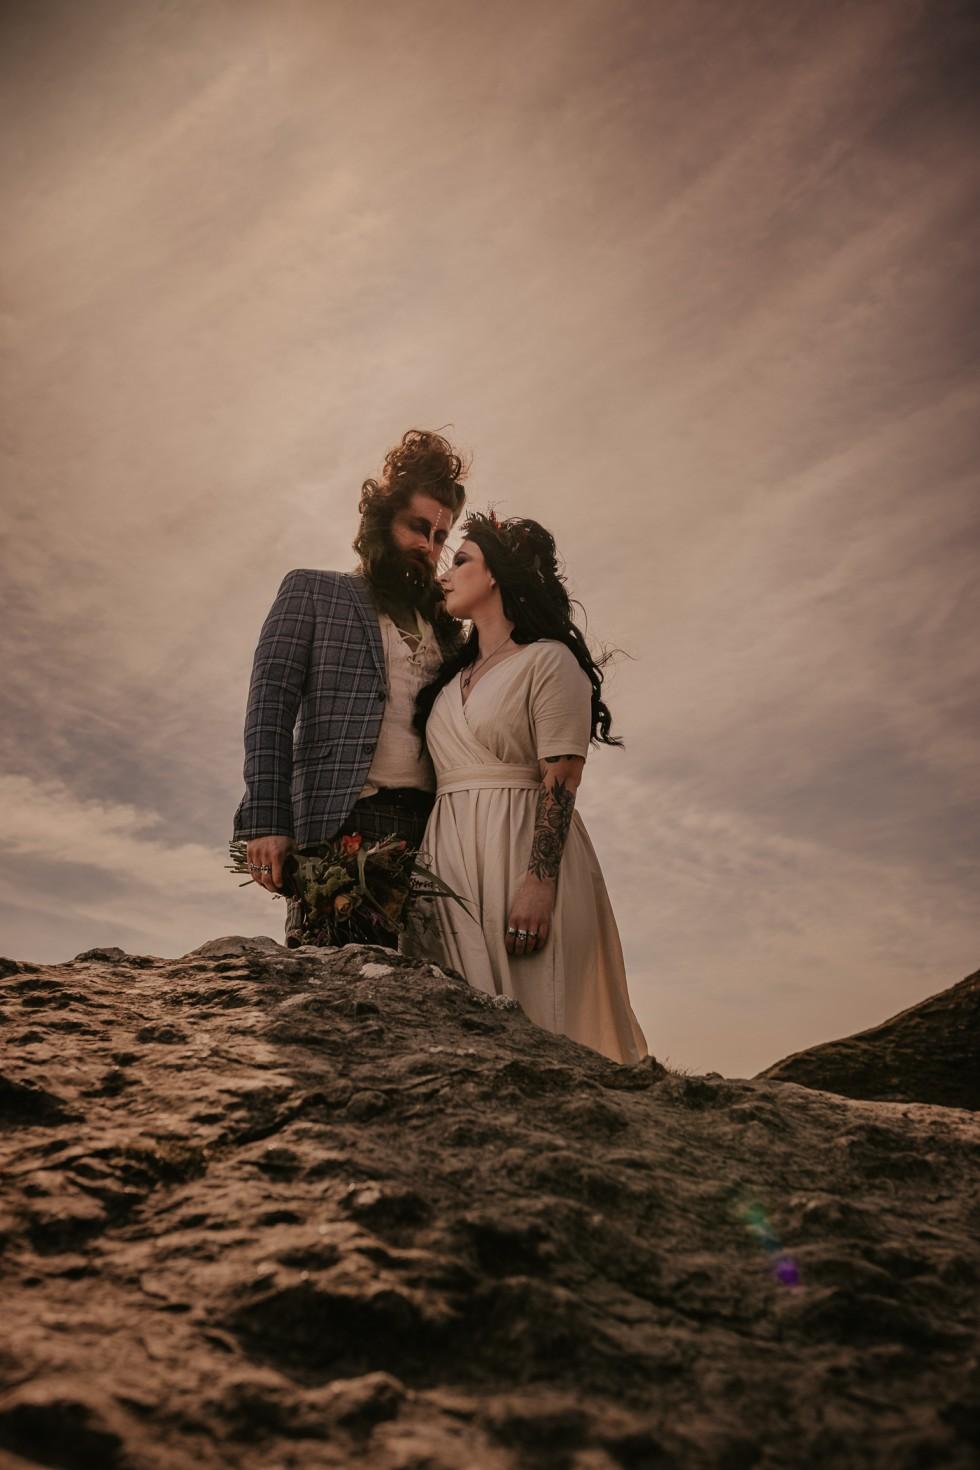 viking wedding - wild wedding - outdoor elopement - alternative wedding - unconventional wedding